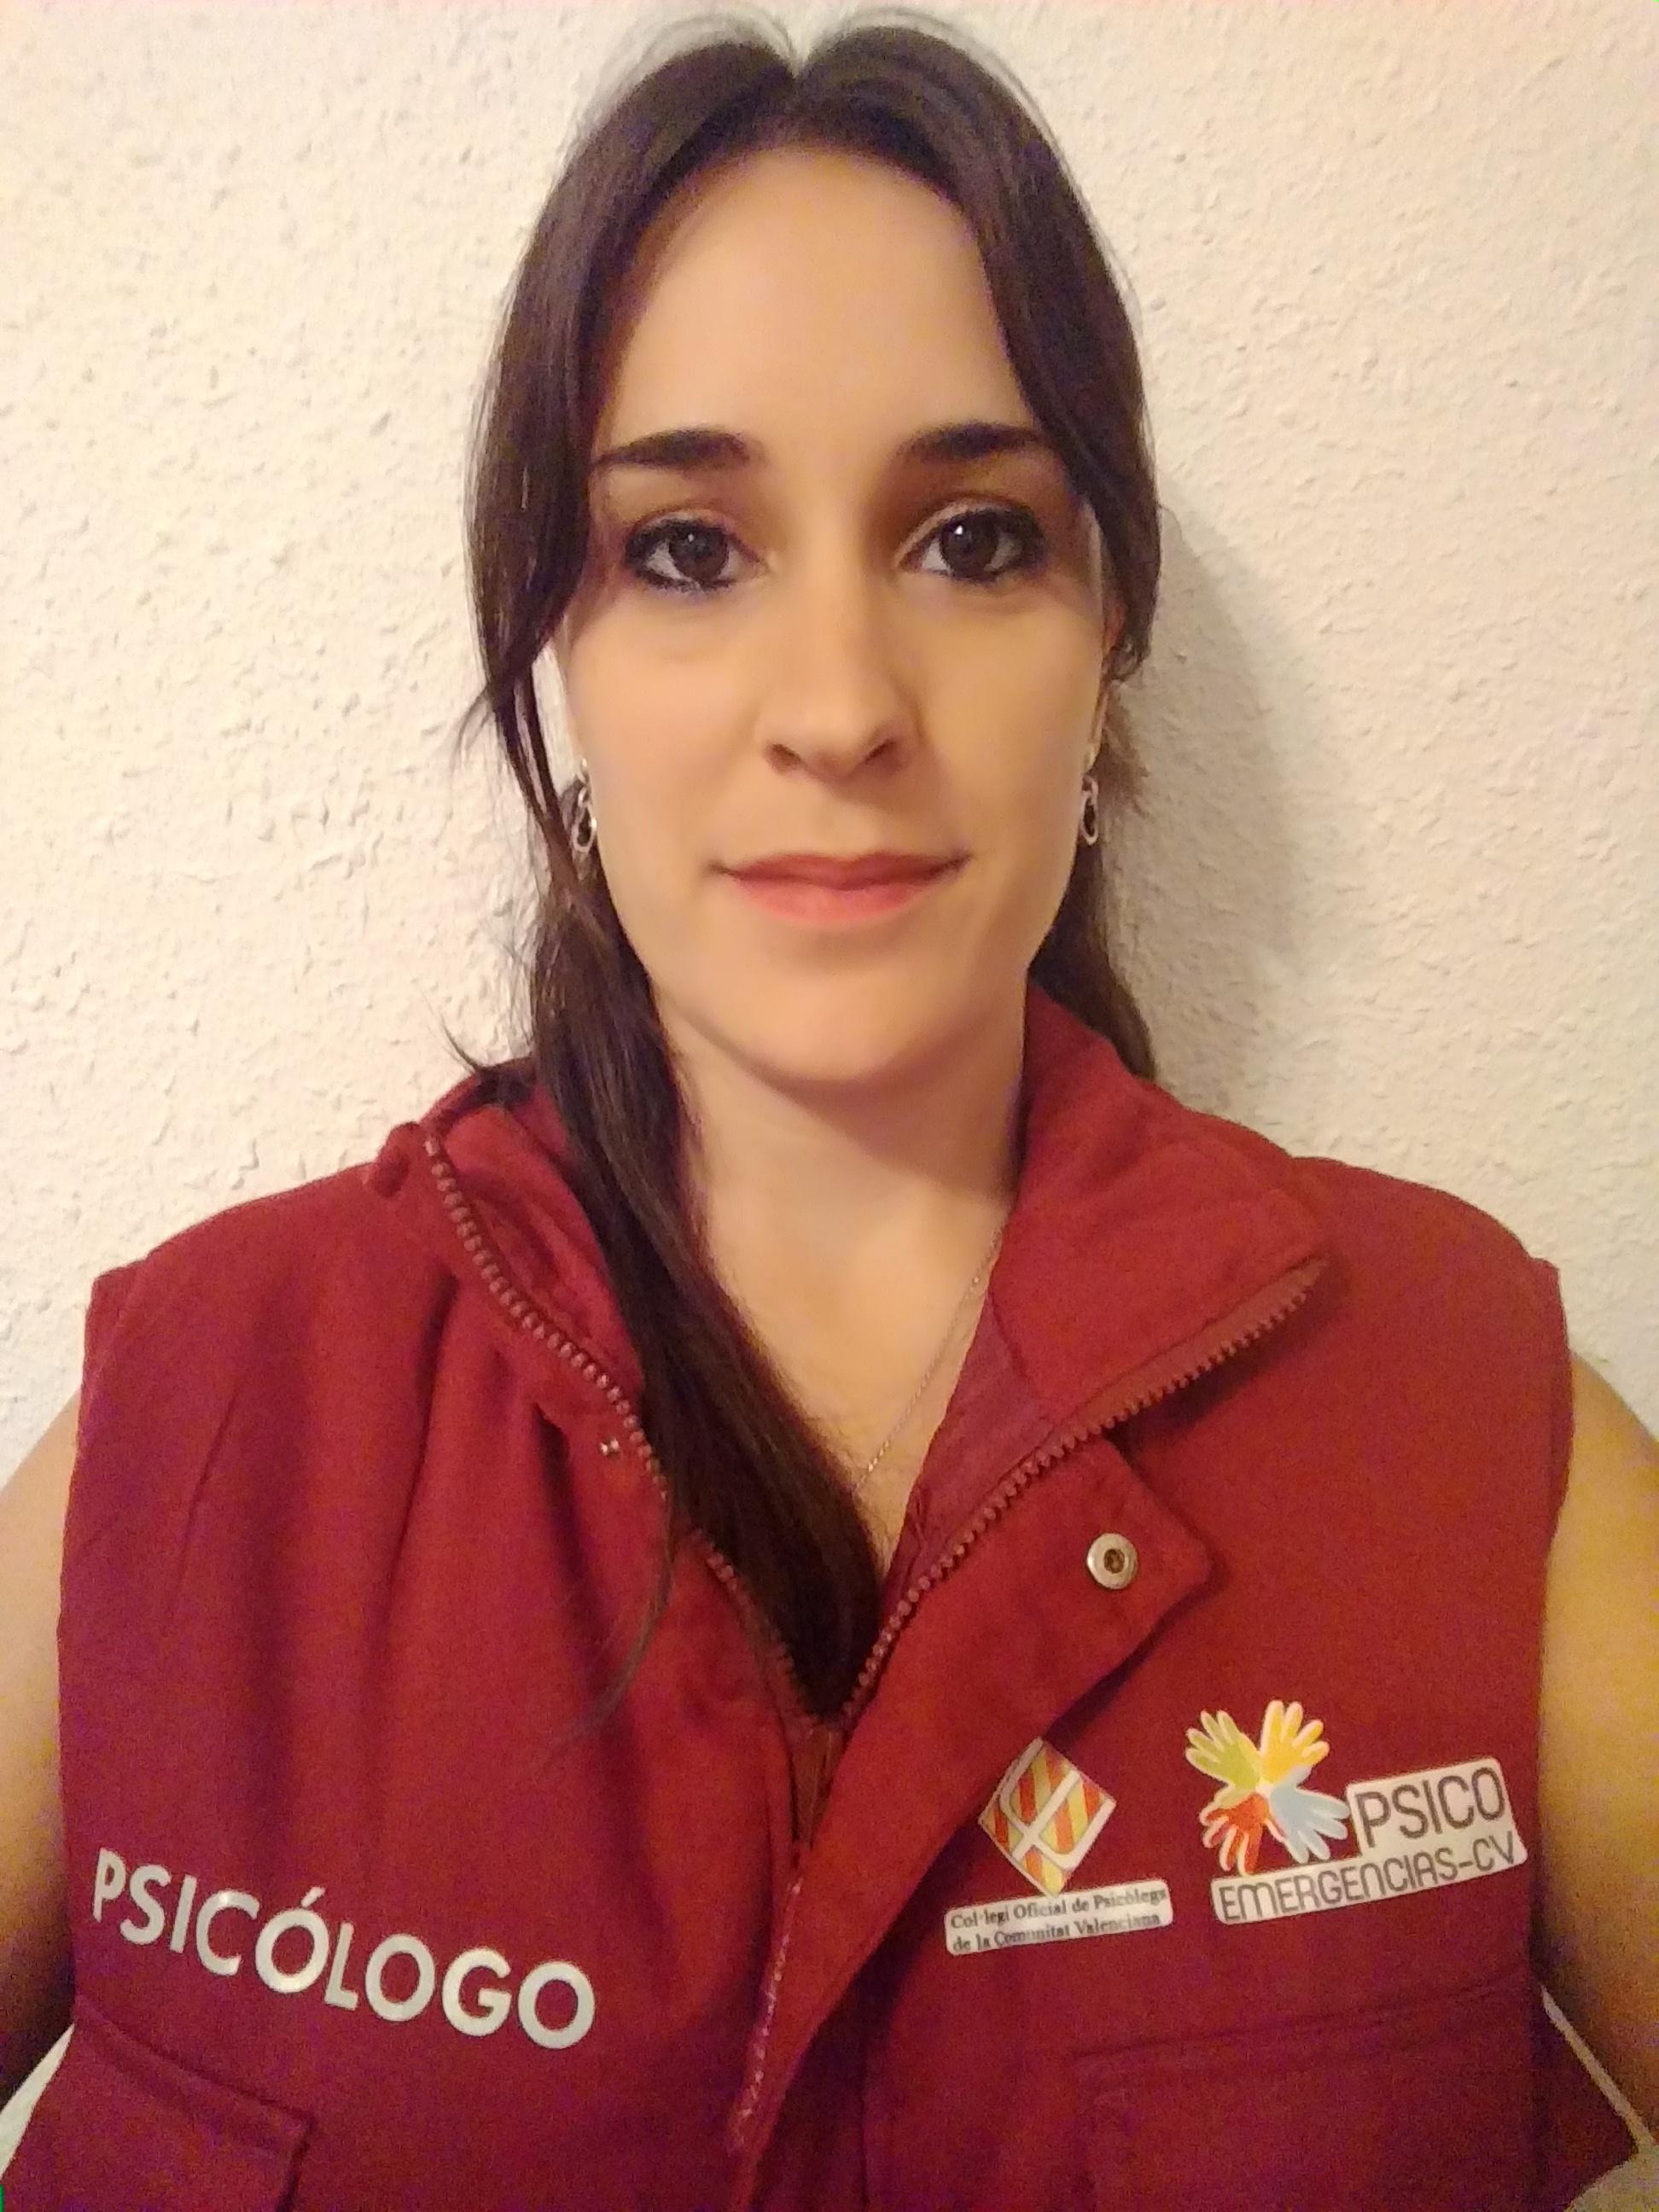 Irene Psicóloga Alicante